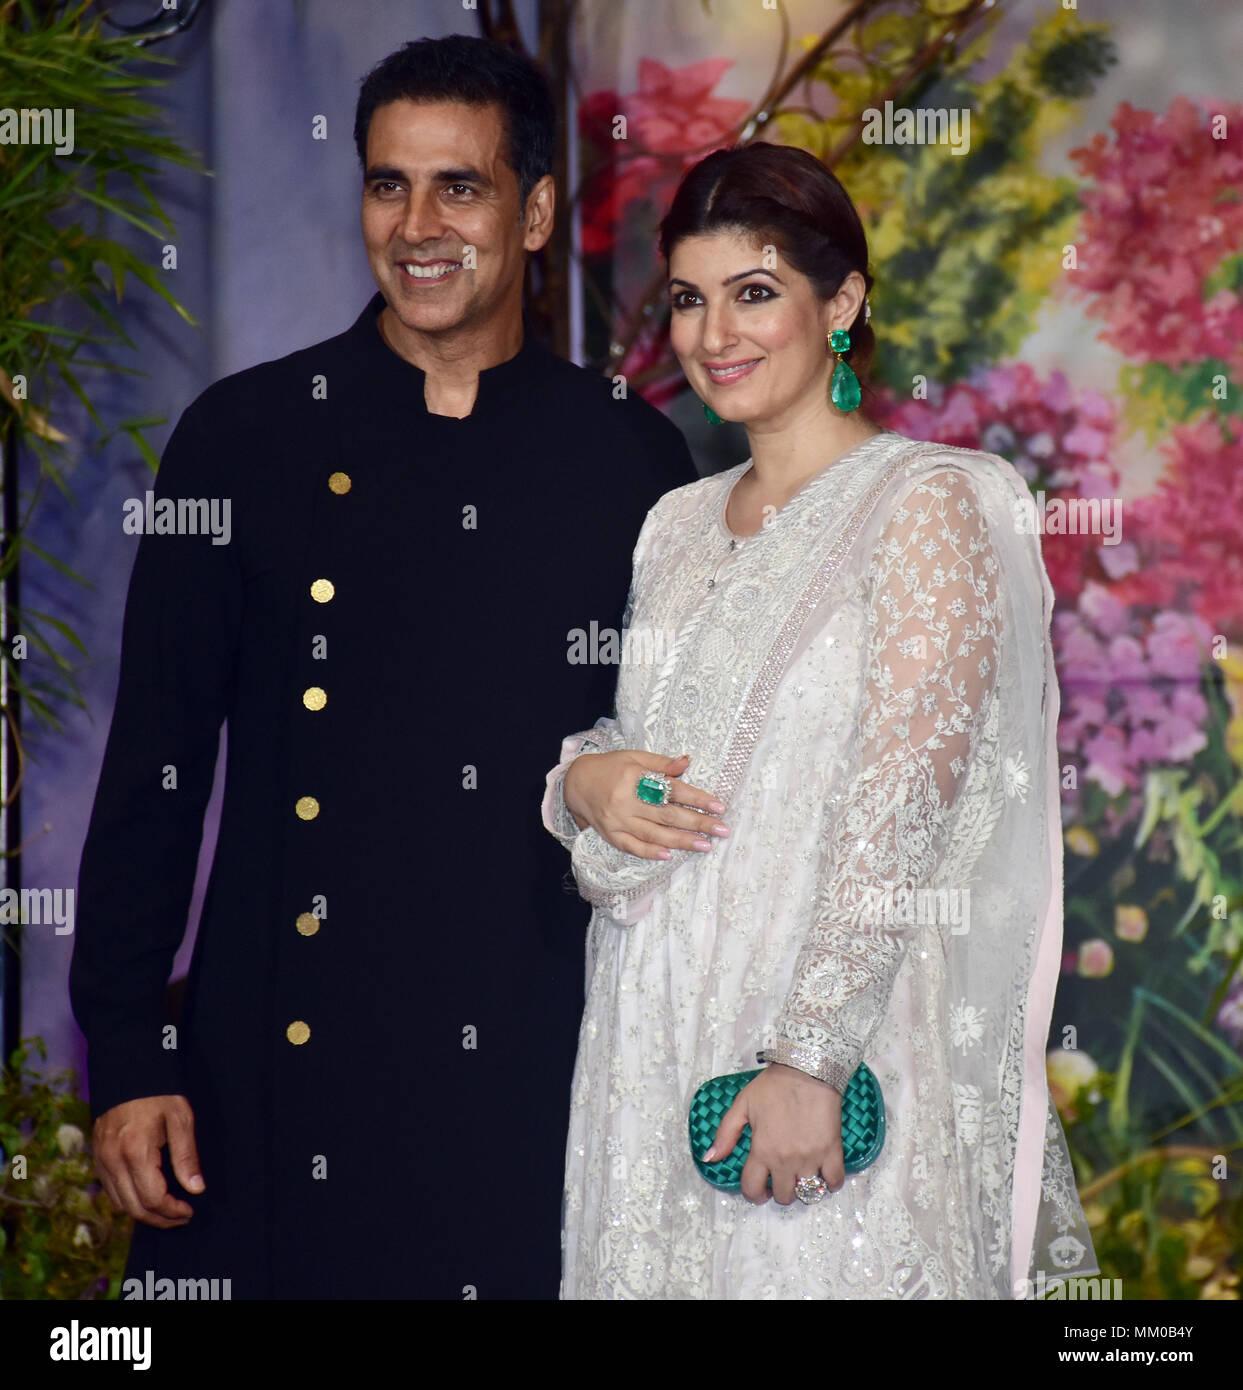 Indische Film Schauspieler Akshay Kumar Mit Frau Twinkle